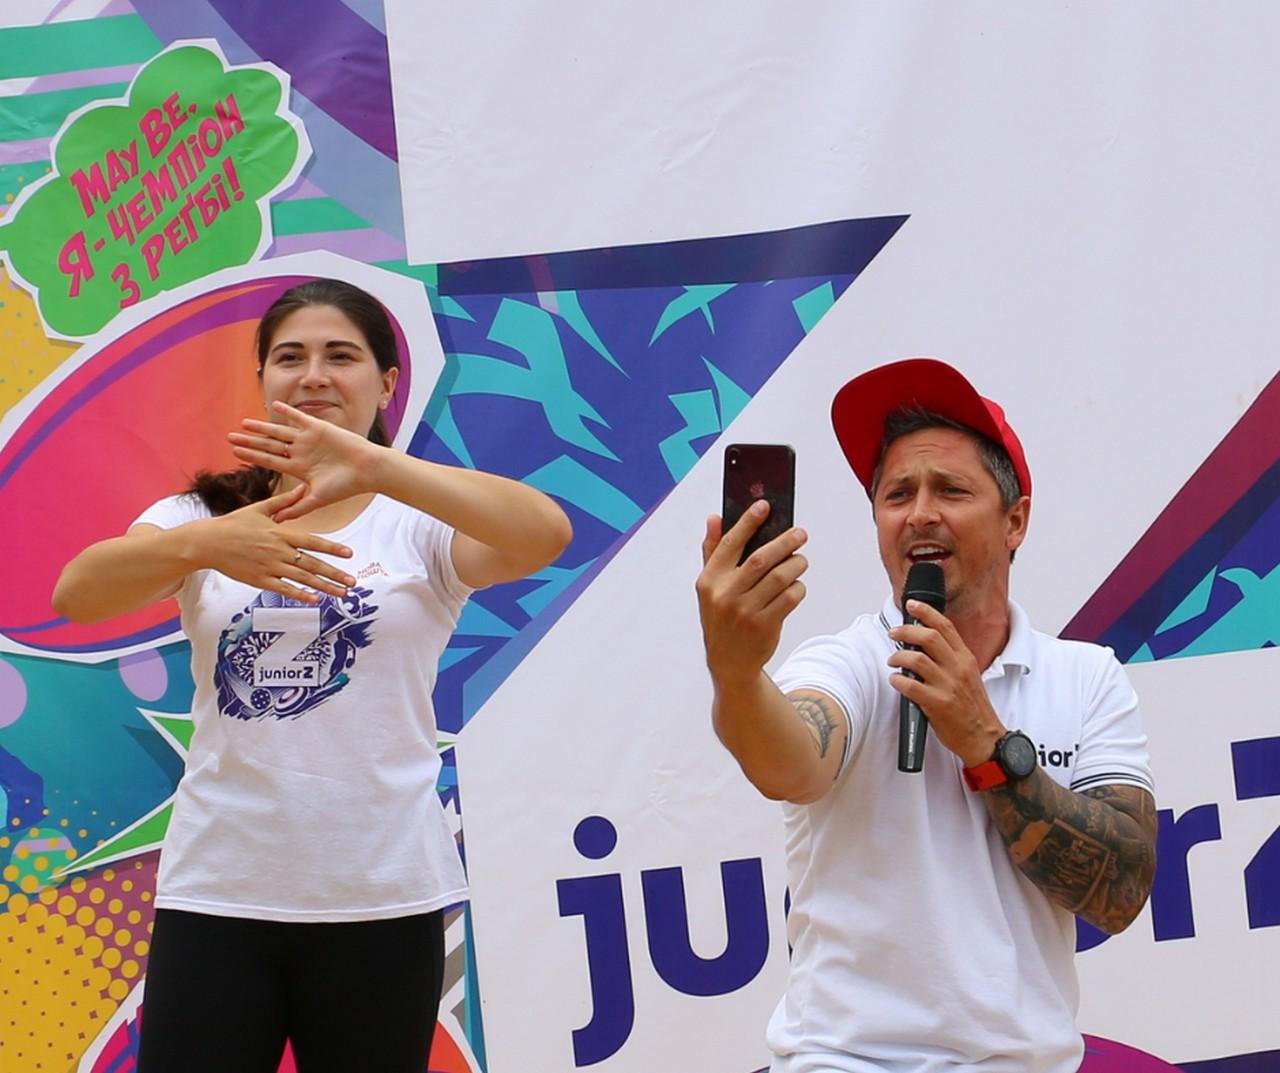 Телеведучий і шоумен Олександр Педан привітав університет з історичною подією